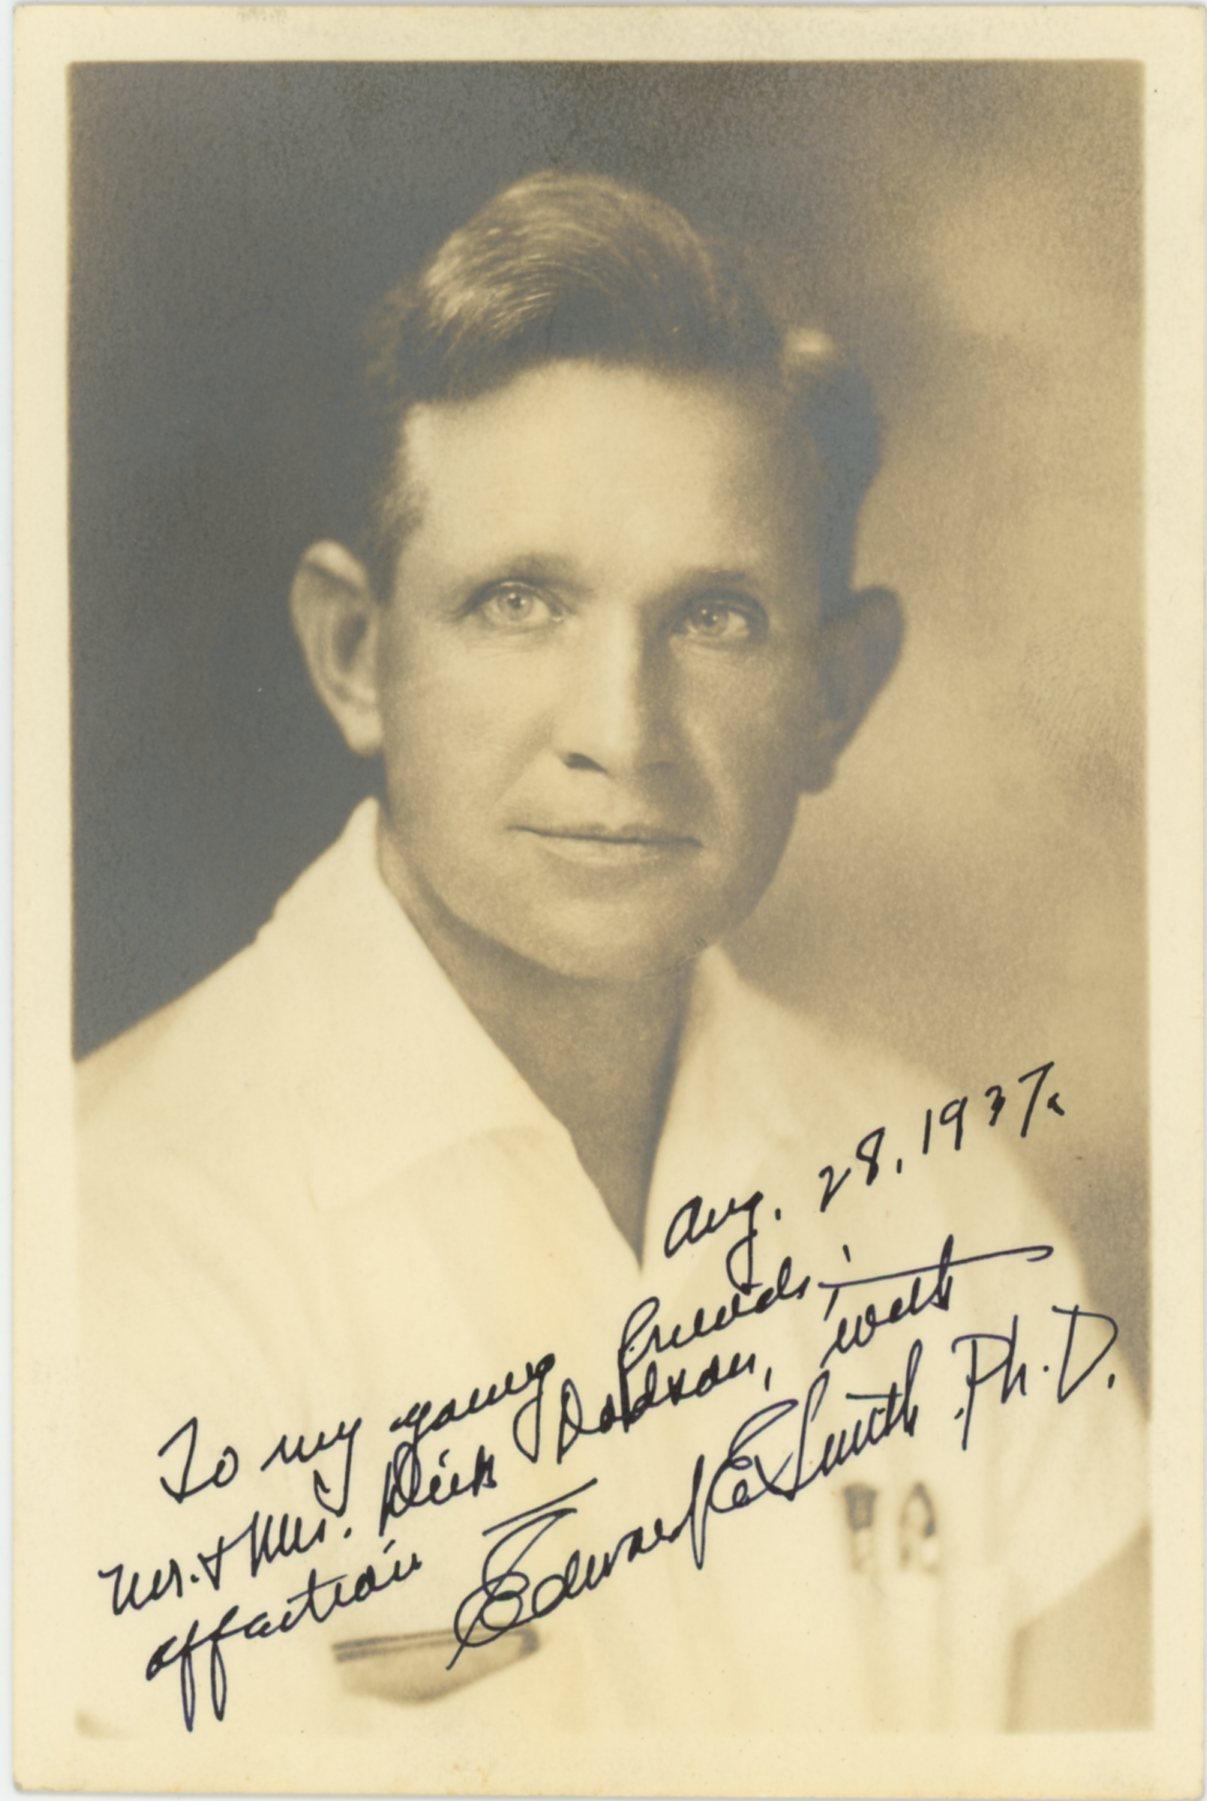 Портрет Э.Э. Дока Смита без очков с автографом для Дика Додсона. 28 августа 1937 года. jwkbooks.com